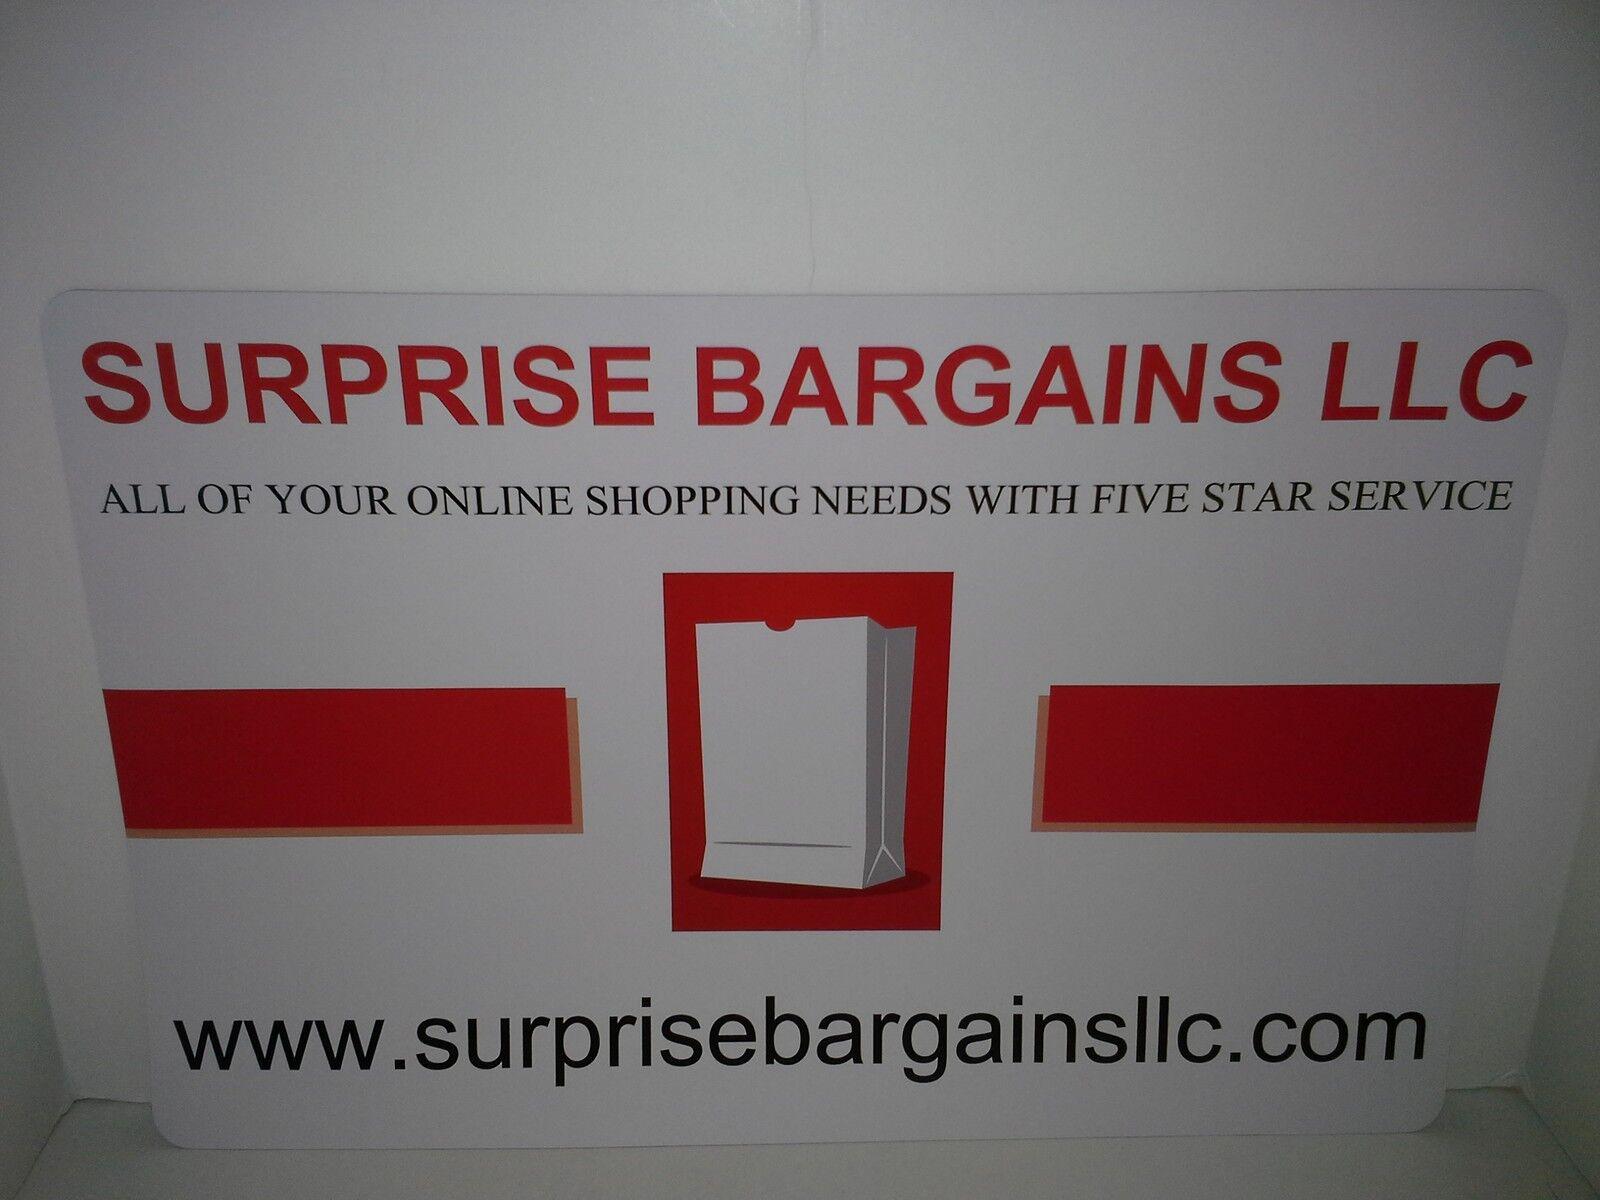 SURPRISE BARGAINS LLC